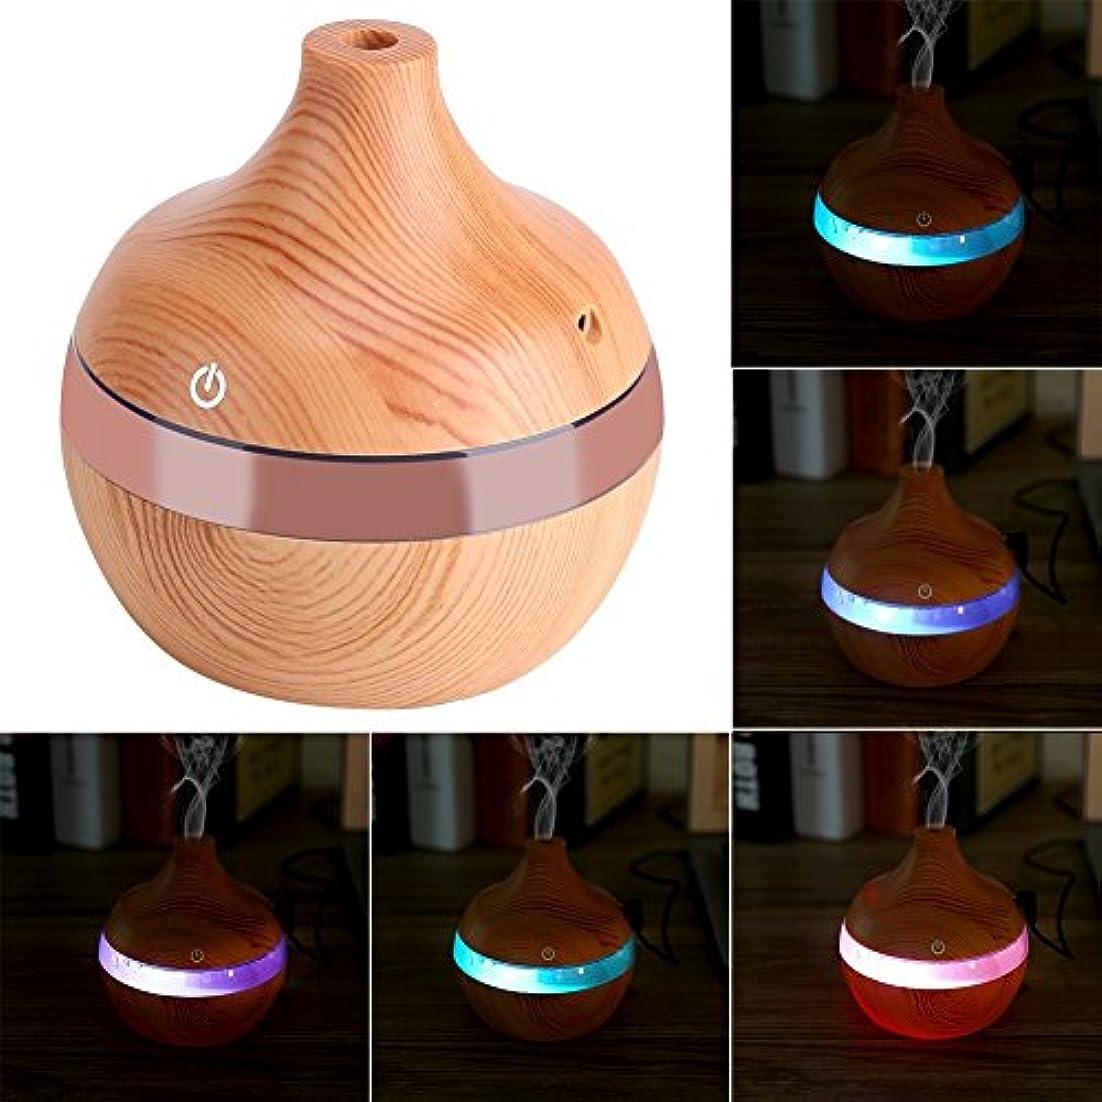 目に見える申込みスペルアロマディフューザー - Delaman 卓上加湿器、木目調、7色変換